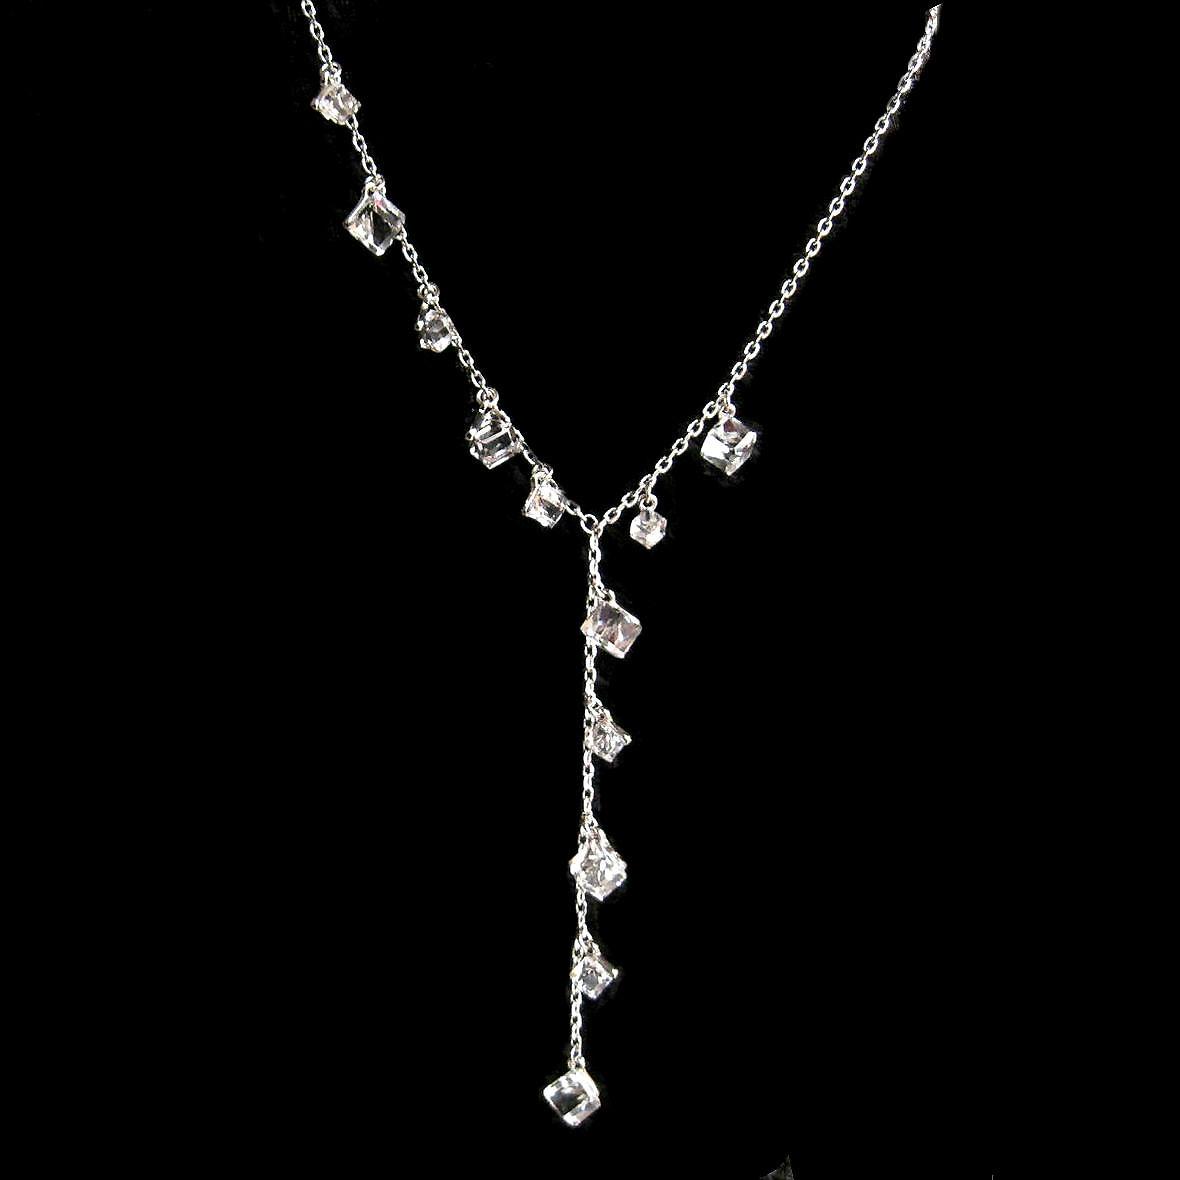 Ожерелье Млечный кристалл свитер цепи длинные мода ожерелье светит ярко дикий темперамент качеств подлинной почты